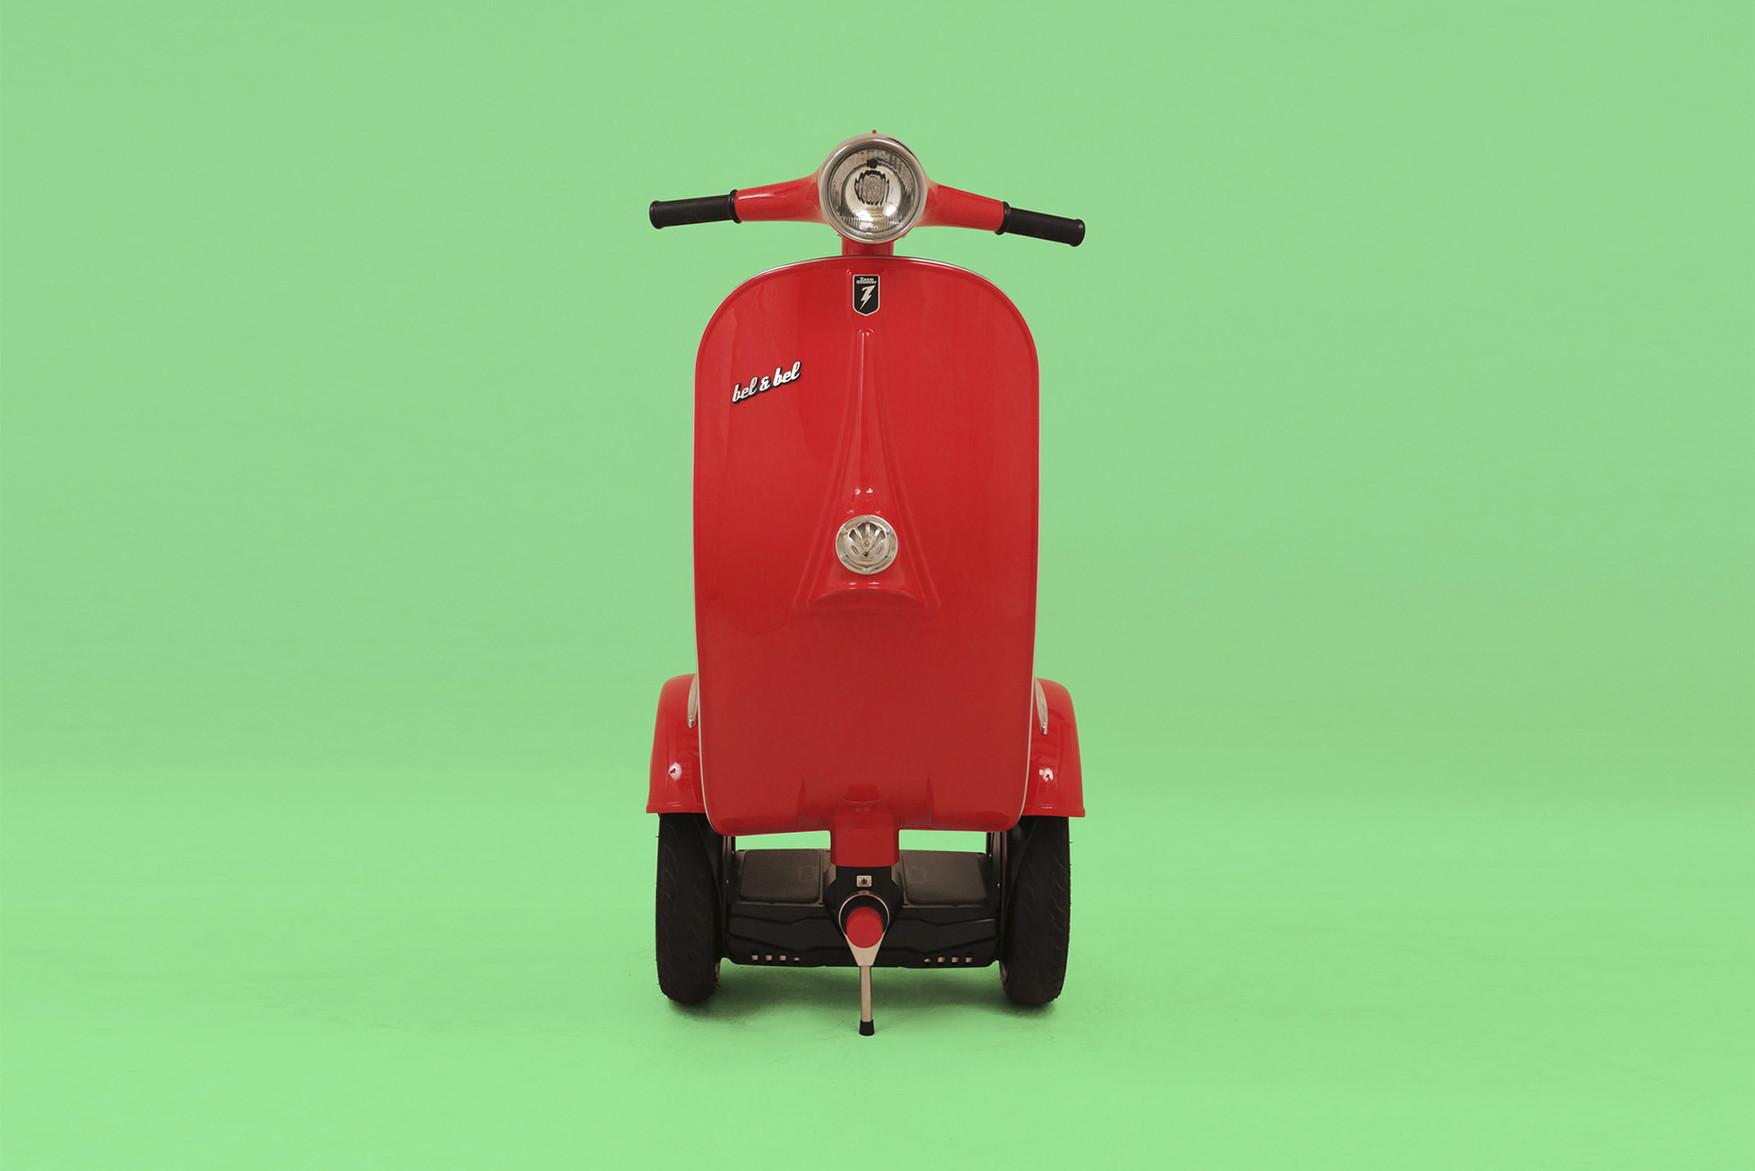 https_hypebeast.comimage201807bel-bel-studio-vespa-scooter-segway-hybrid-02